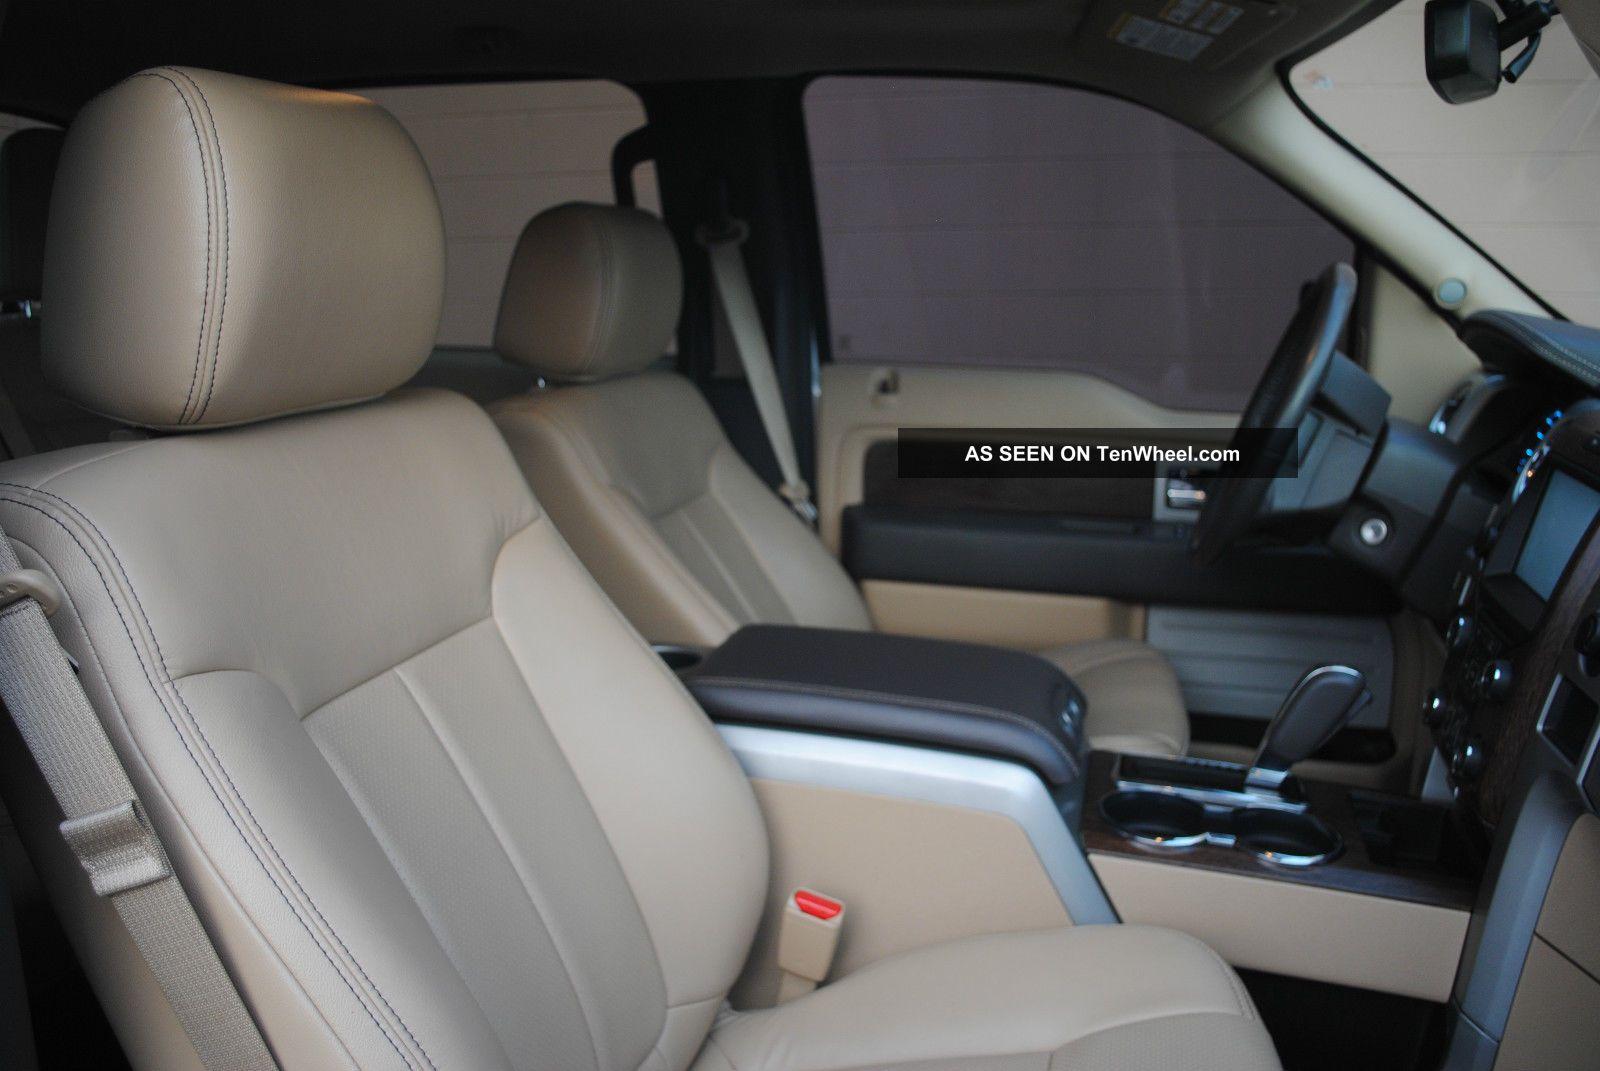 2013 Ford F150 Lariat 4x4 Ecoboost Supercrew White Platinum Tri Coat